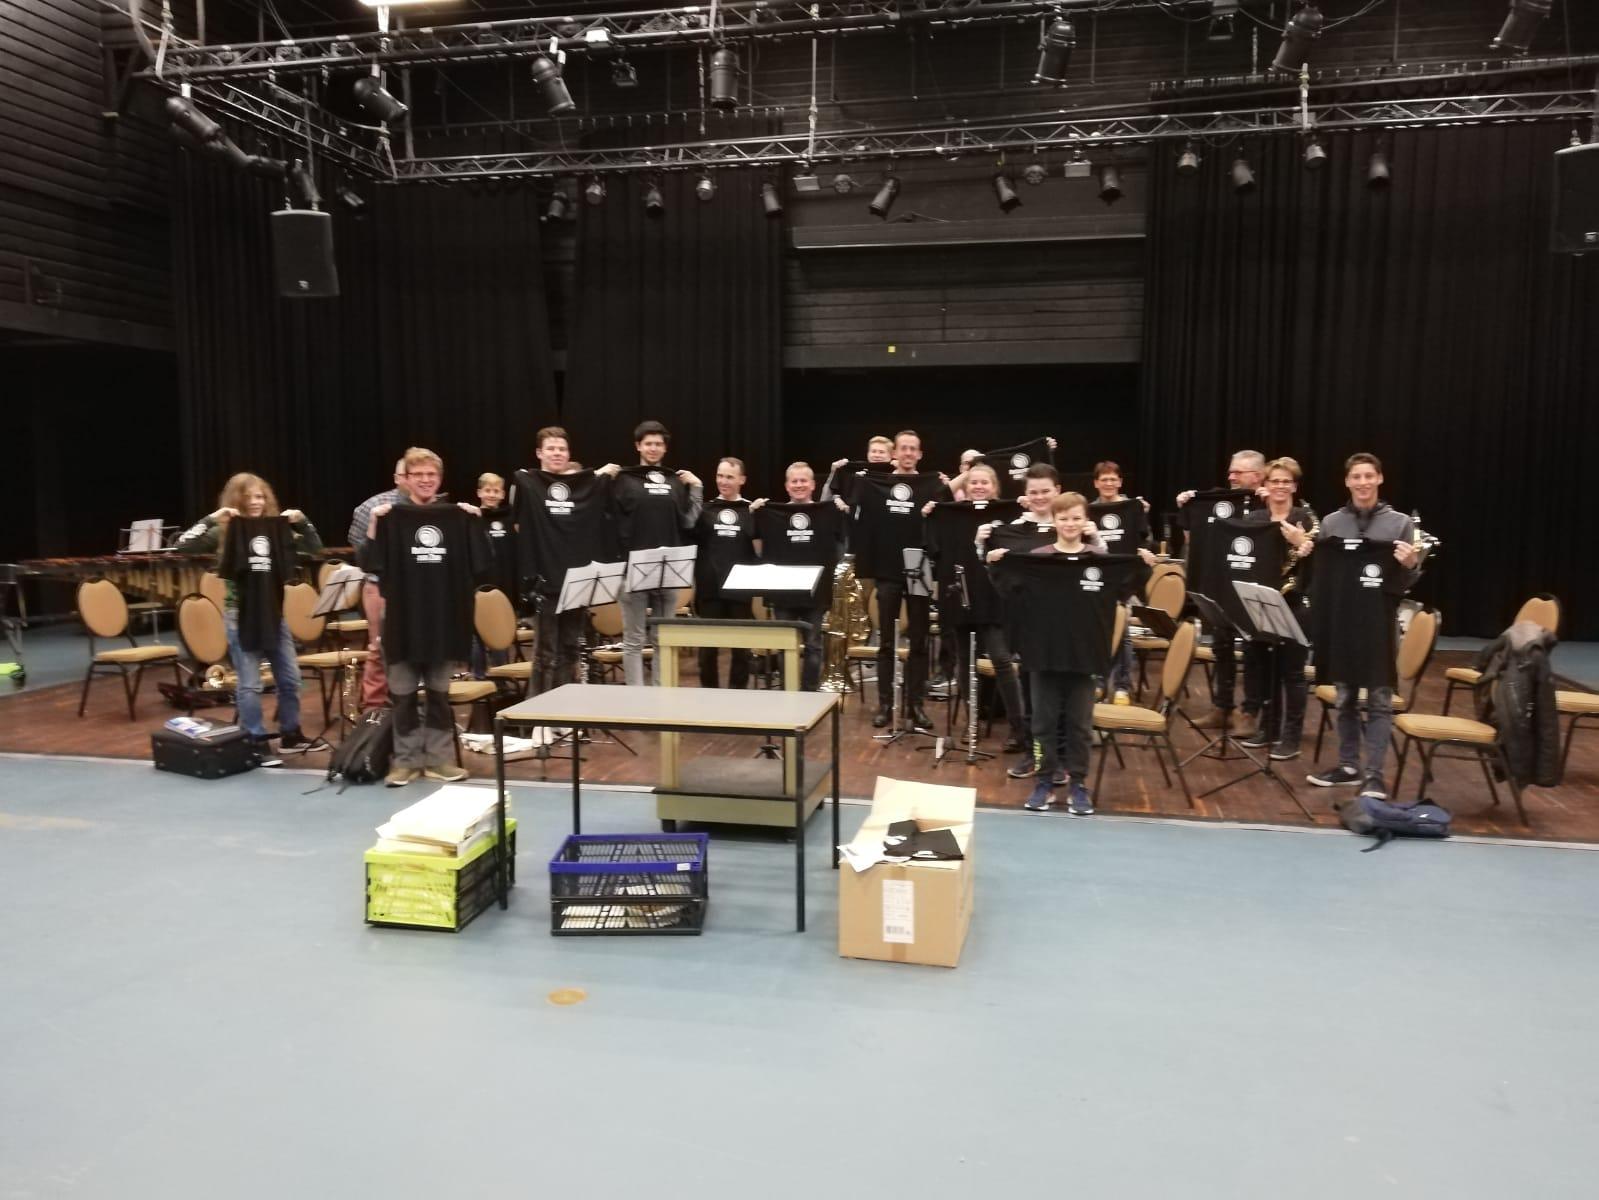 Kringloop Maasdijk doneert t-shirts aan jeugdorkest